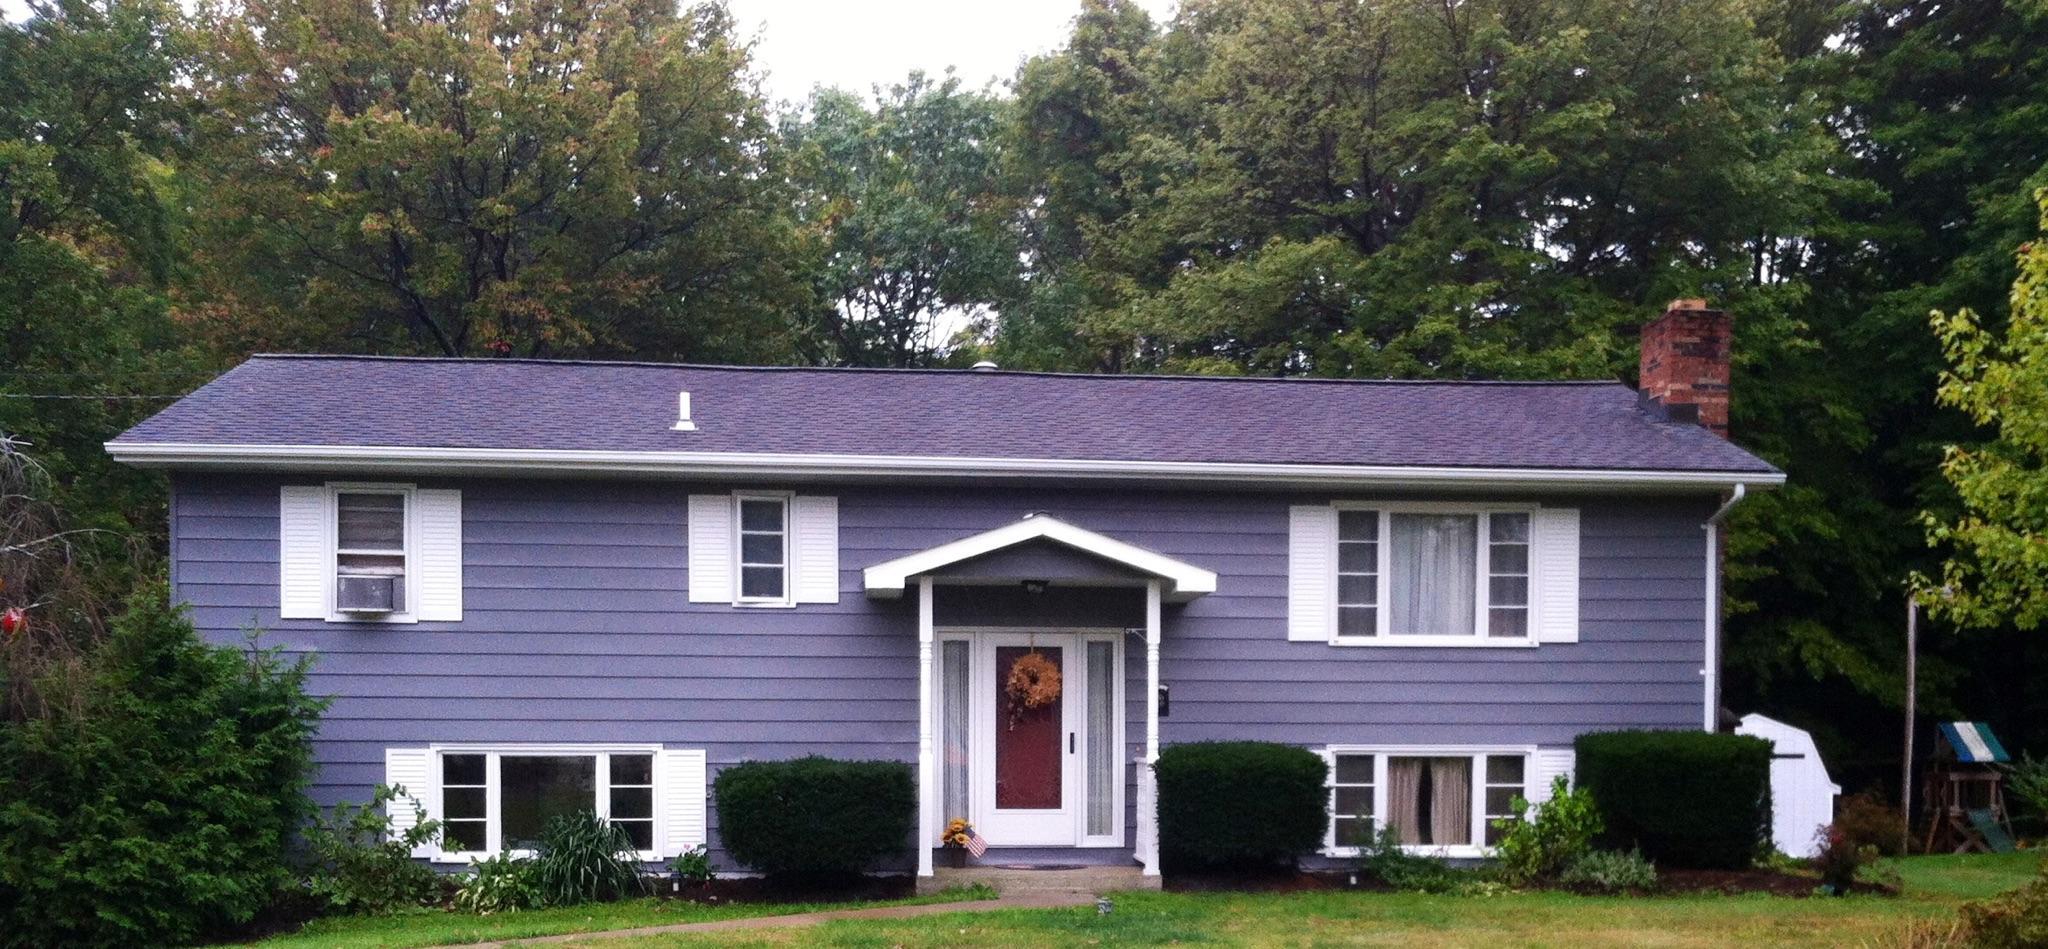 12393 Hickory Dr, Conneaut Lake, Pennsylvania 16316